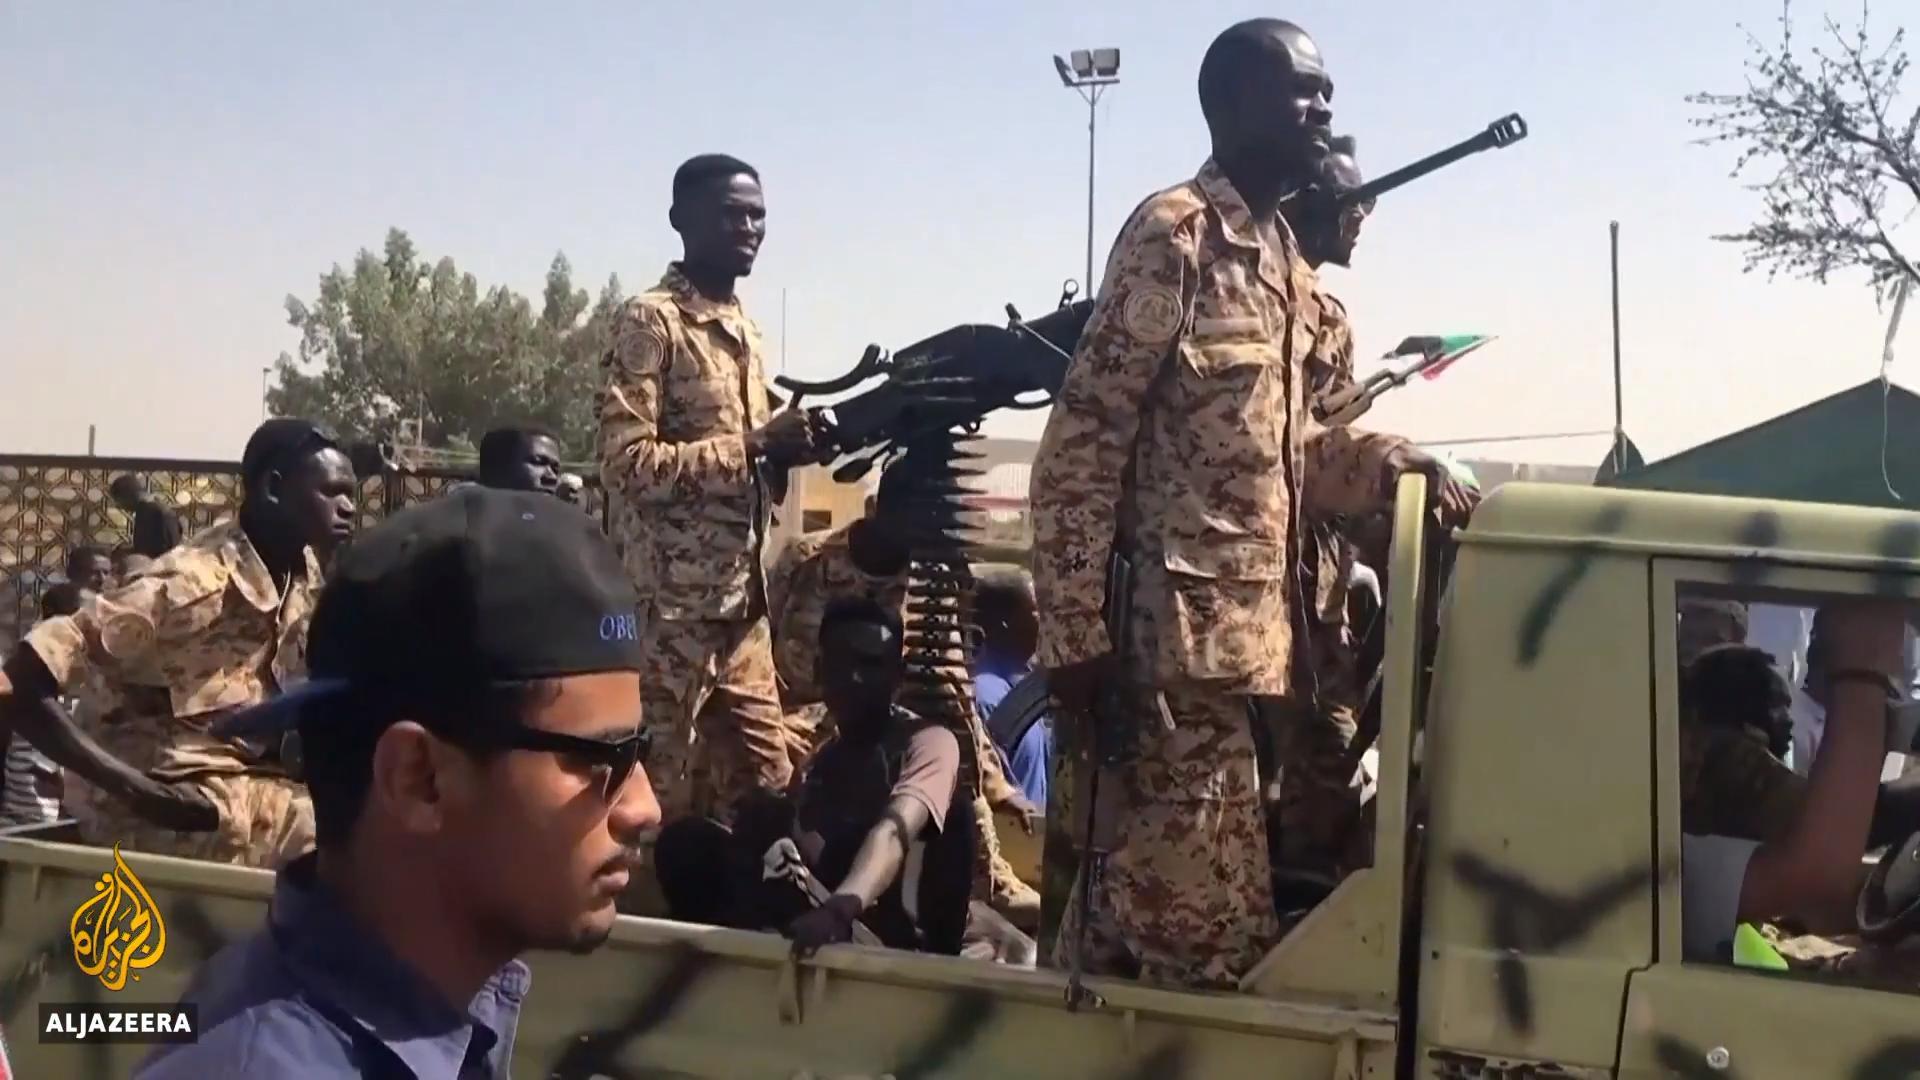 Le Rapid Support Forces per le strade di Khartoum   (Fonte: Al Jazeera)